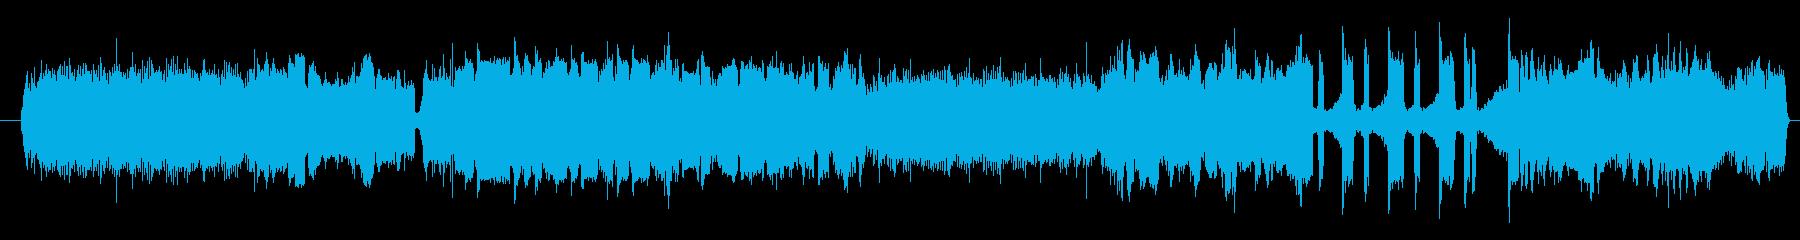 ノイズ デジタルエラーシーケンスH...の再生済みの波形